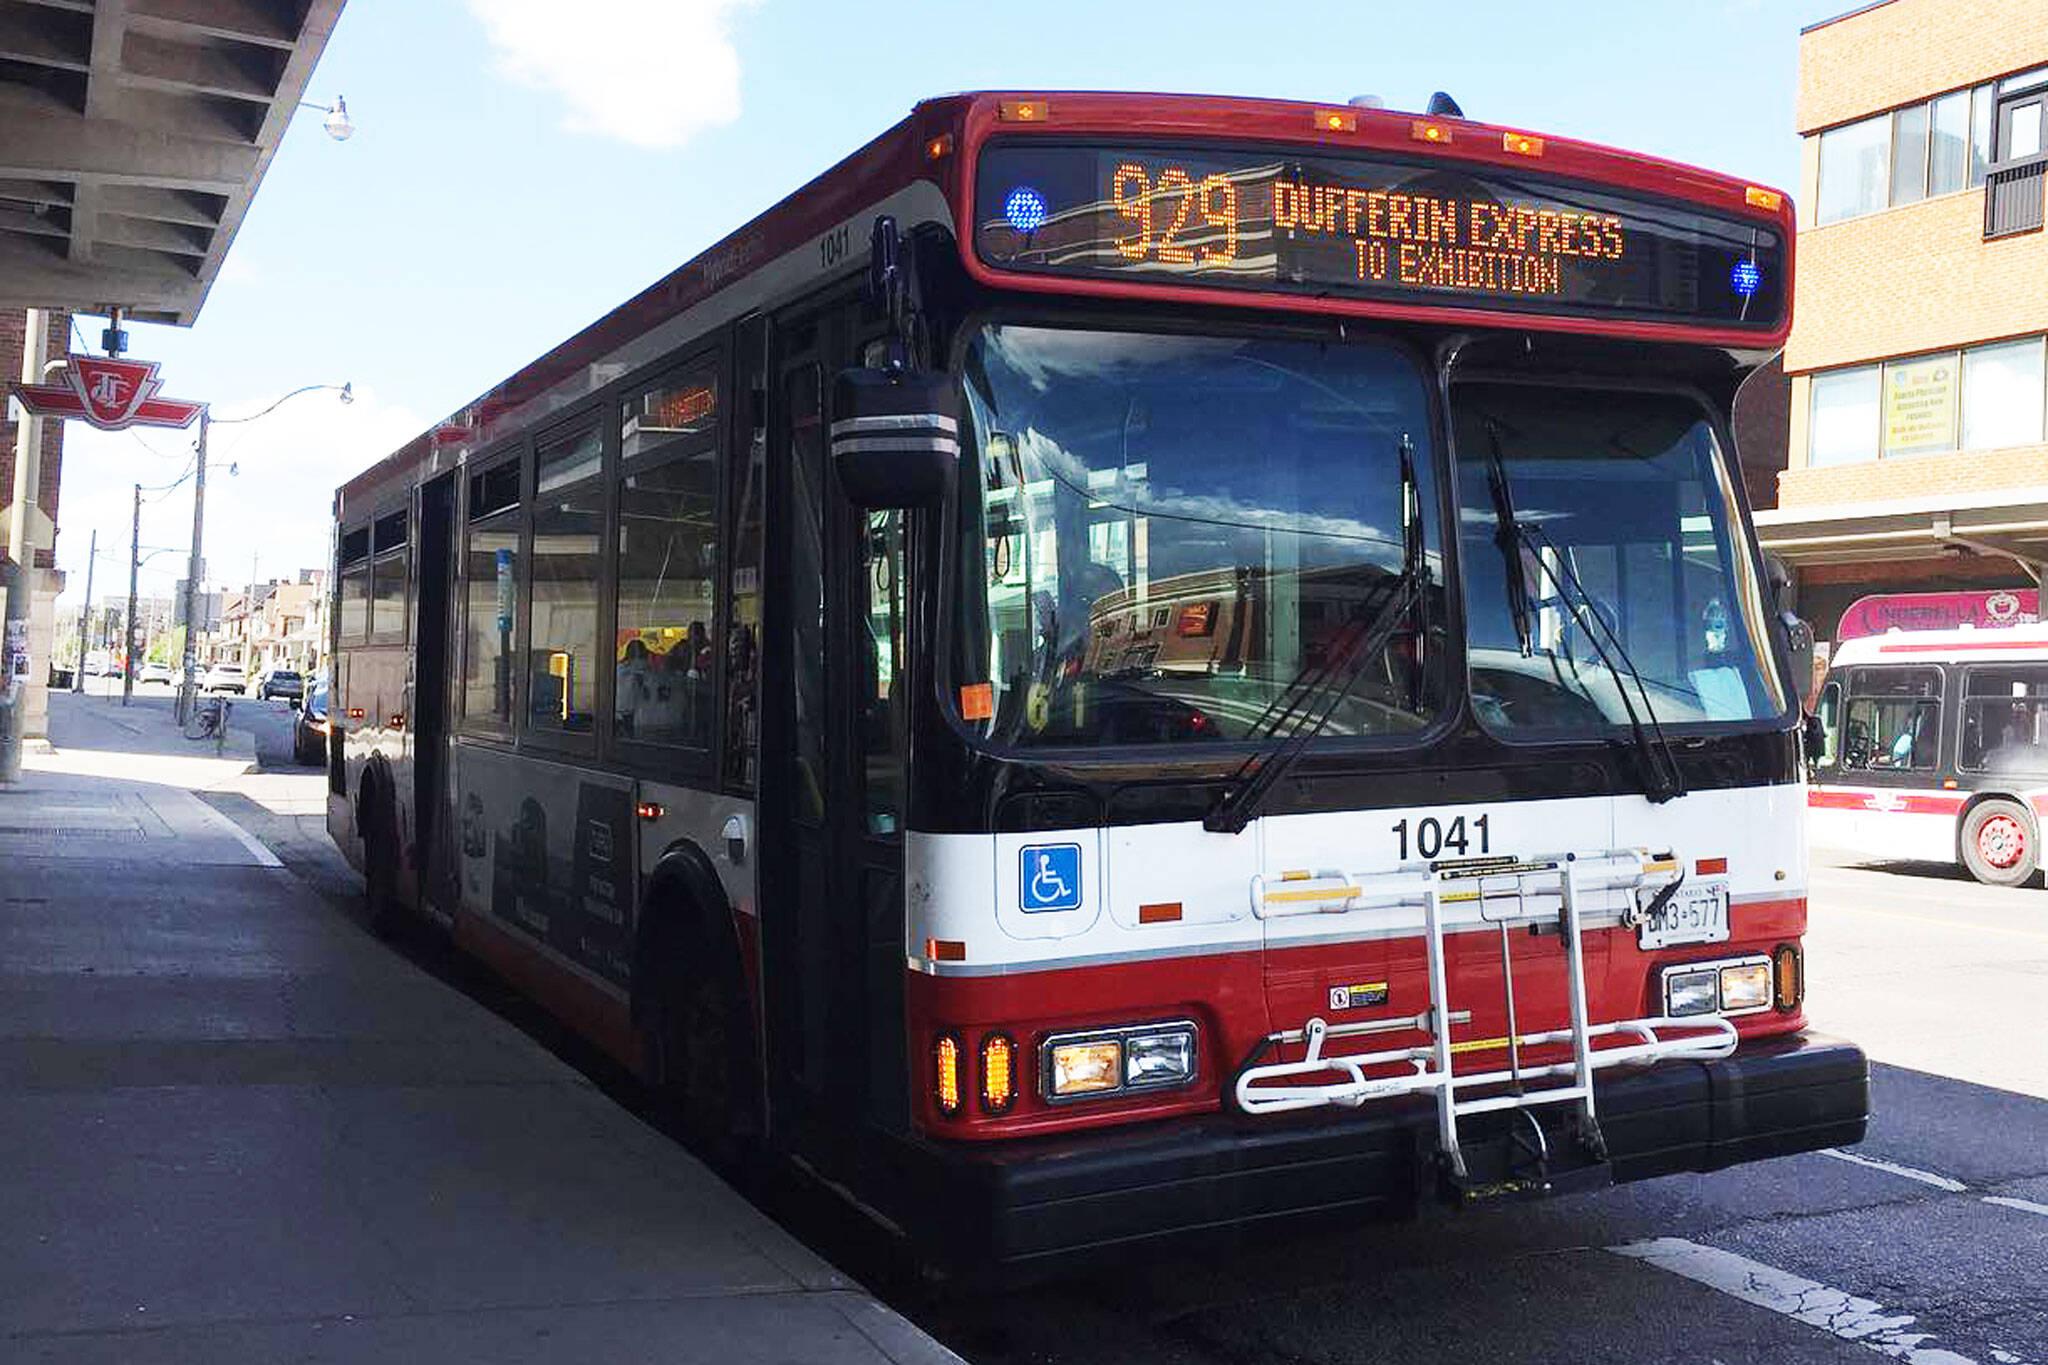 dufferin bus